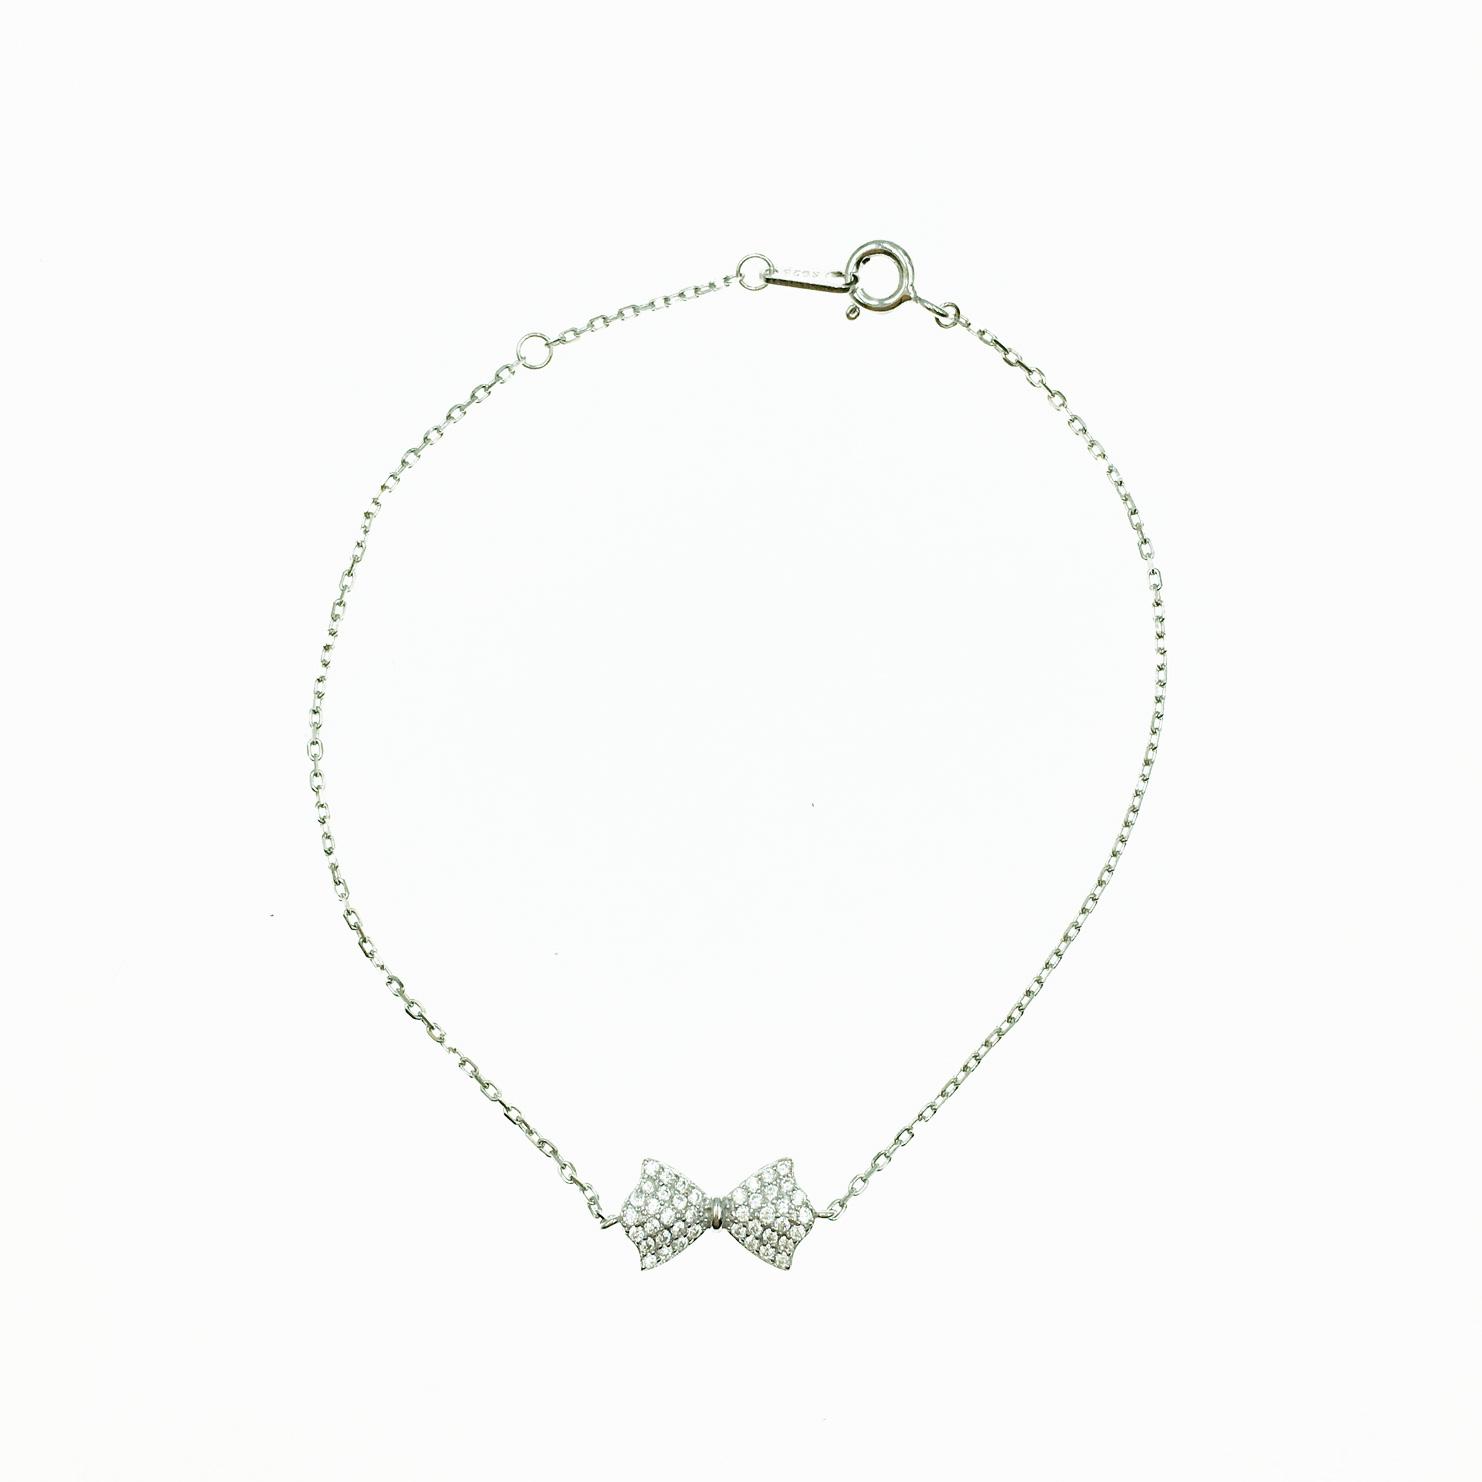 韓國 925純銀 蝴蝶結造型 水鑽 可愛甜美 質感 手飾 手鍊